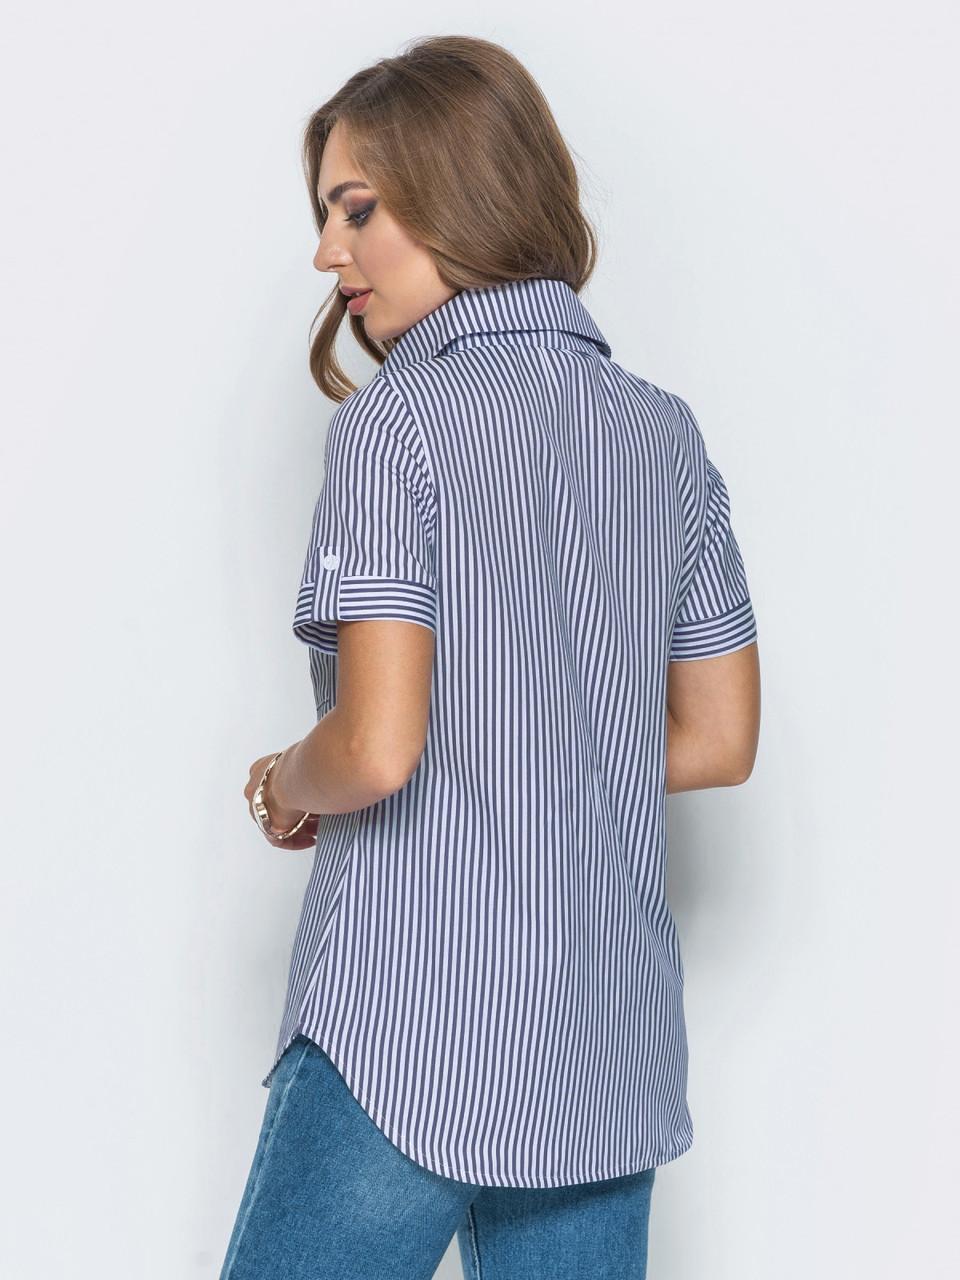 e9a4215947c ... Модная женская рубашка в полоску с короткими рукавами р.44